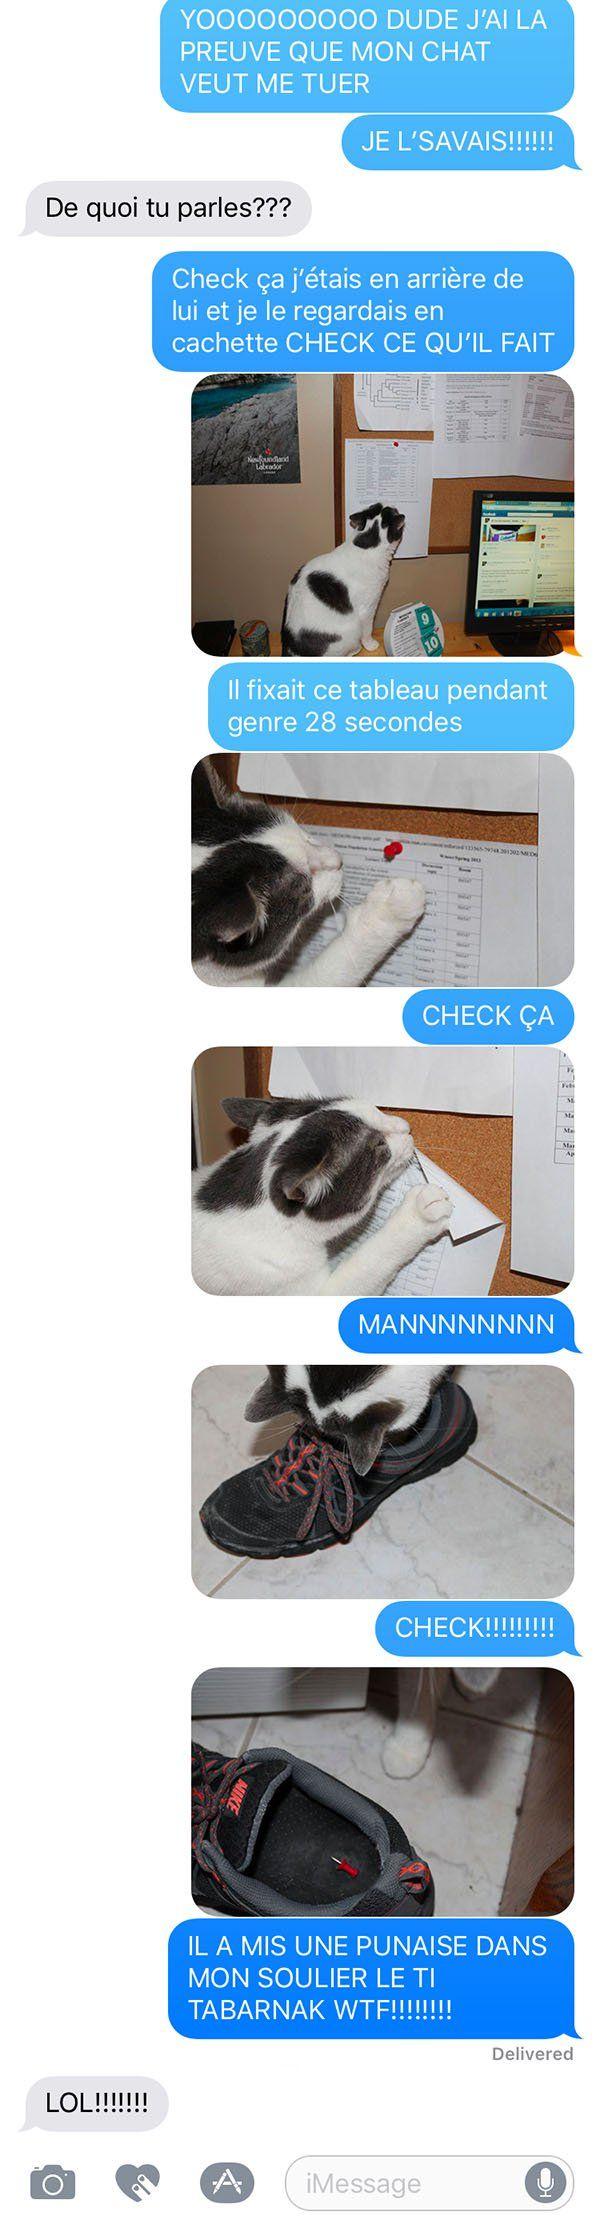 Il a la preuve que son chat essaie de le tuer - ConneriesQc